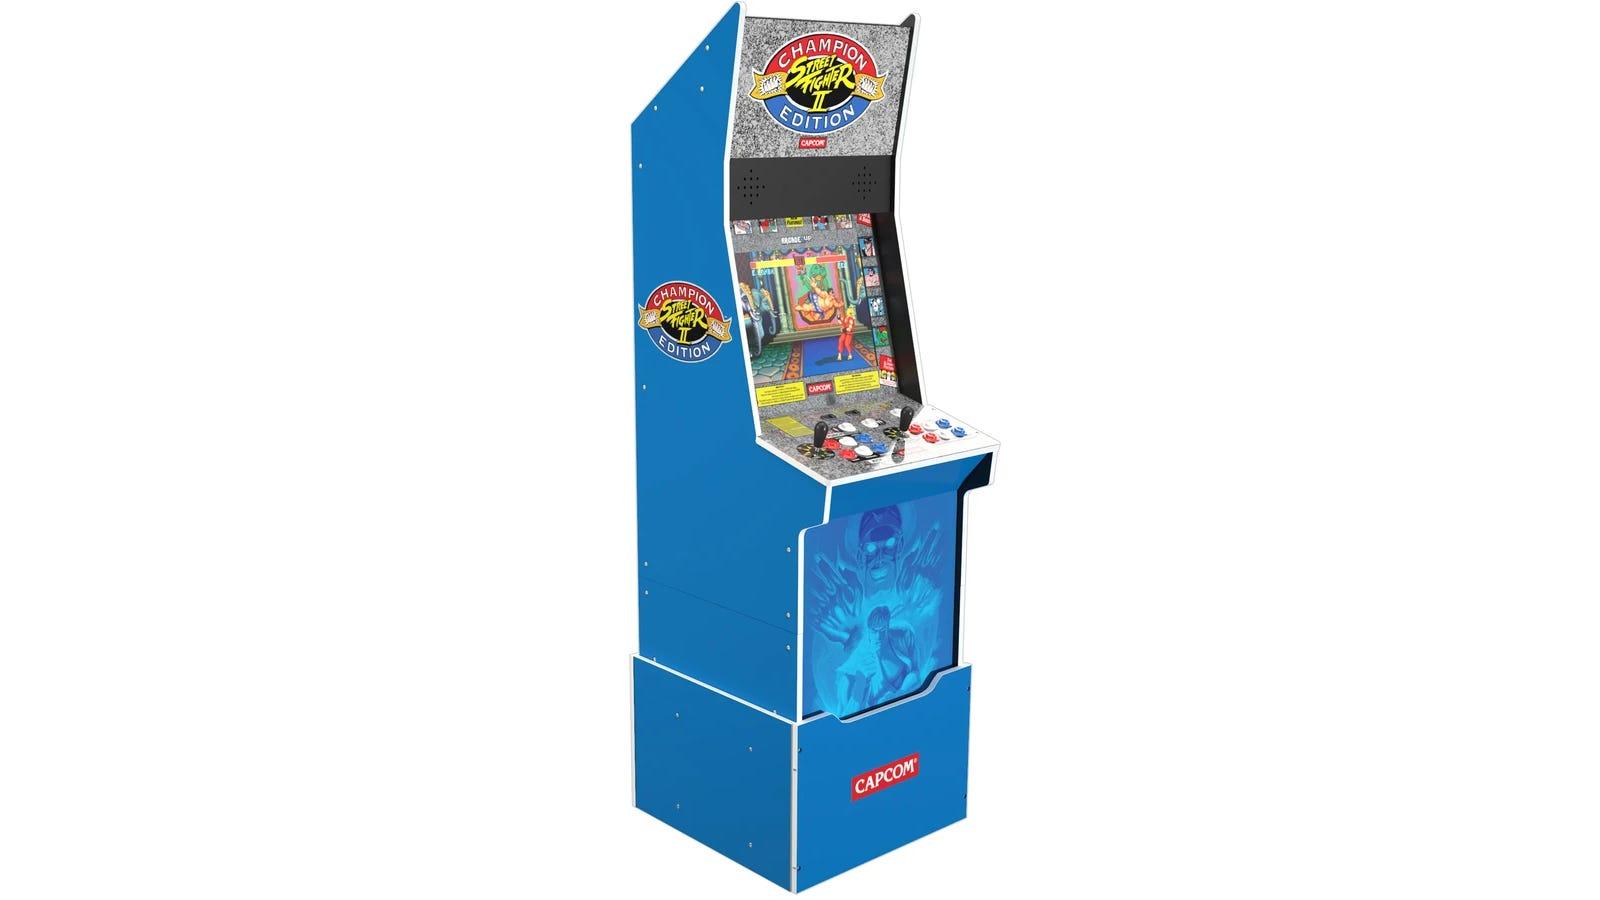 Street Fighter ™ II Big Blue Arcade Machine